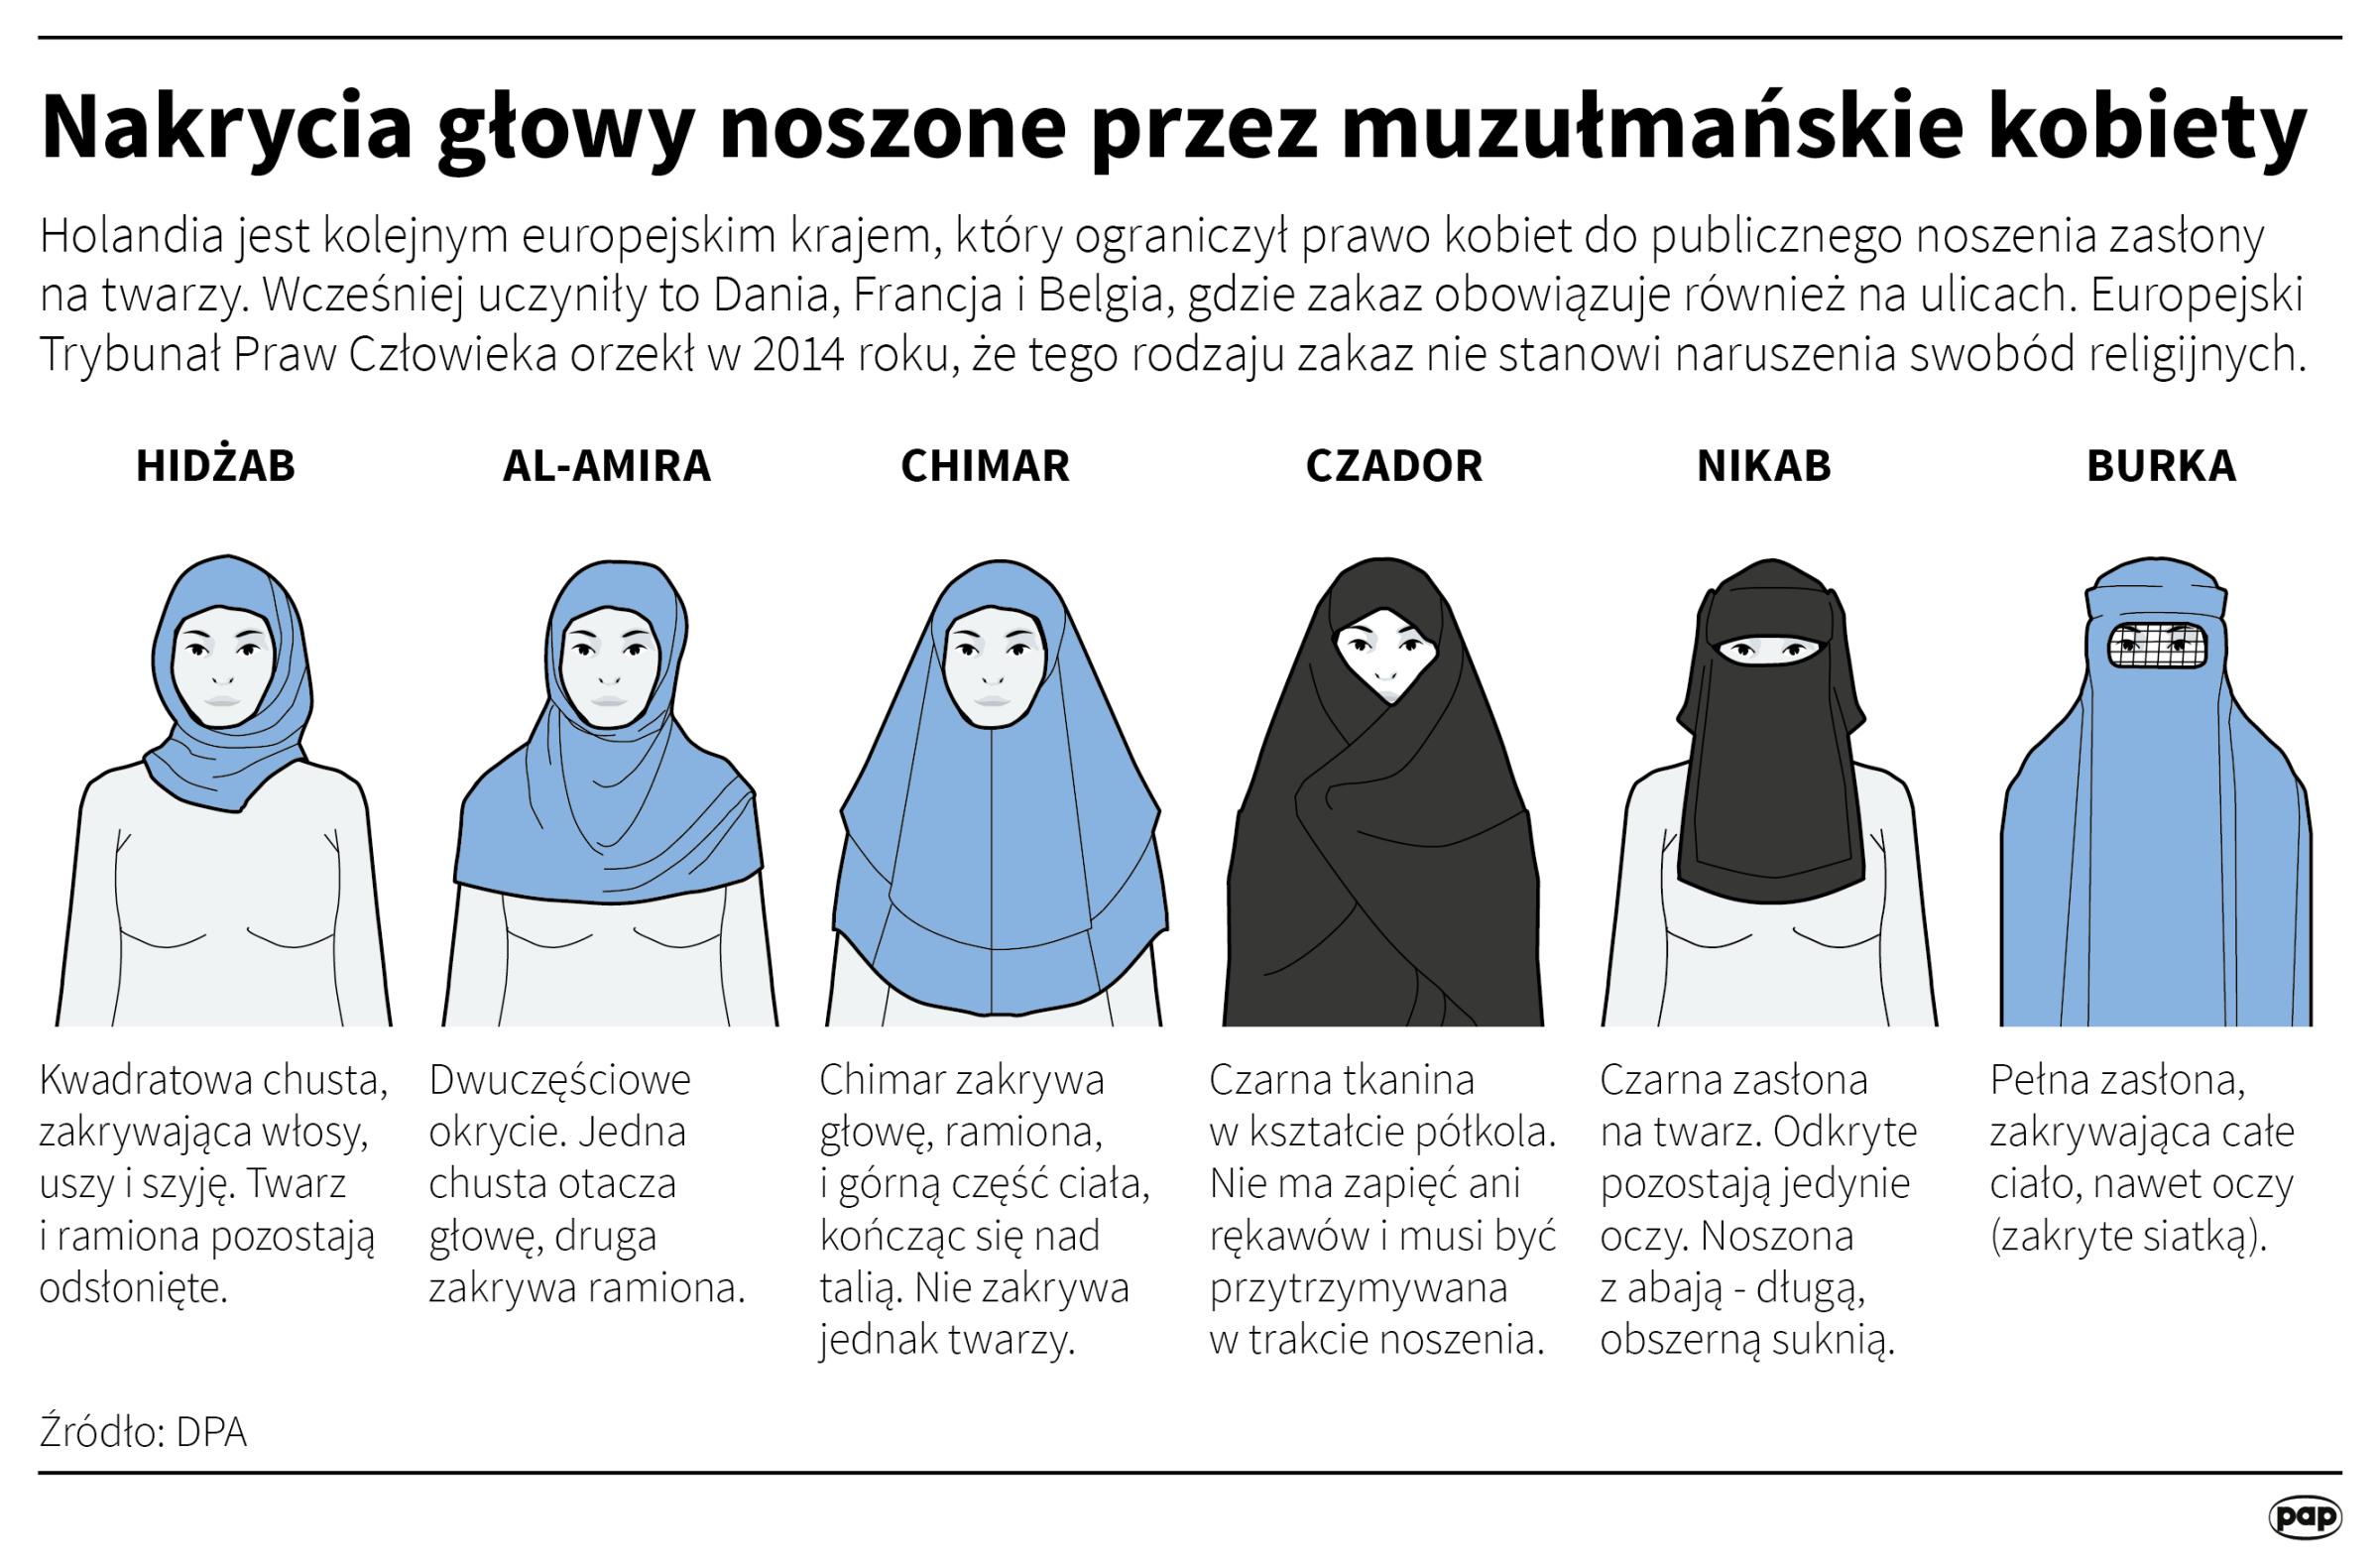 Nakrycia głowy noszone przez muzułmańskie kobiety